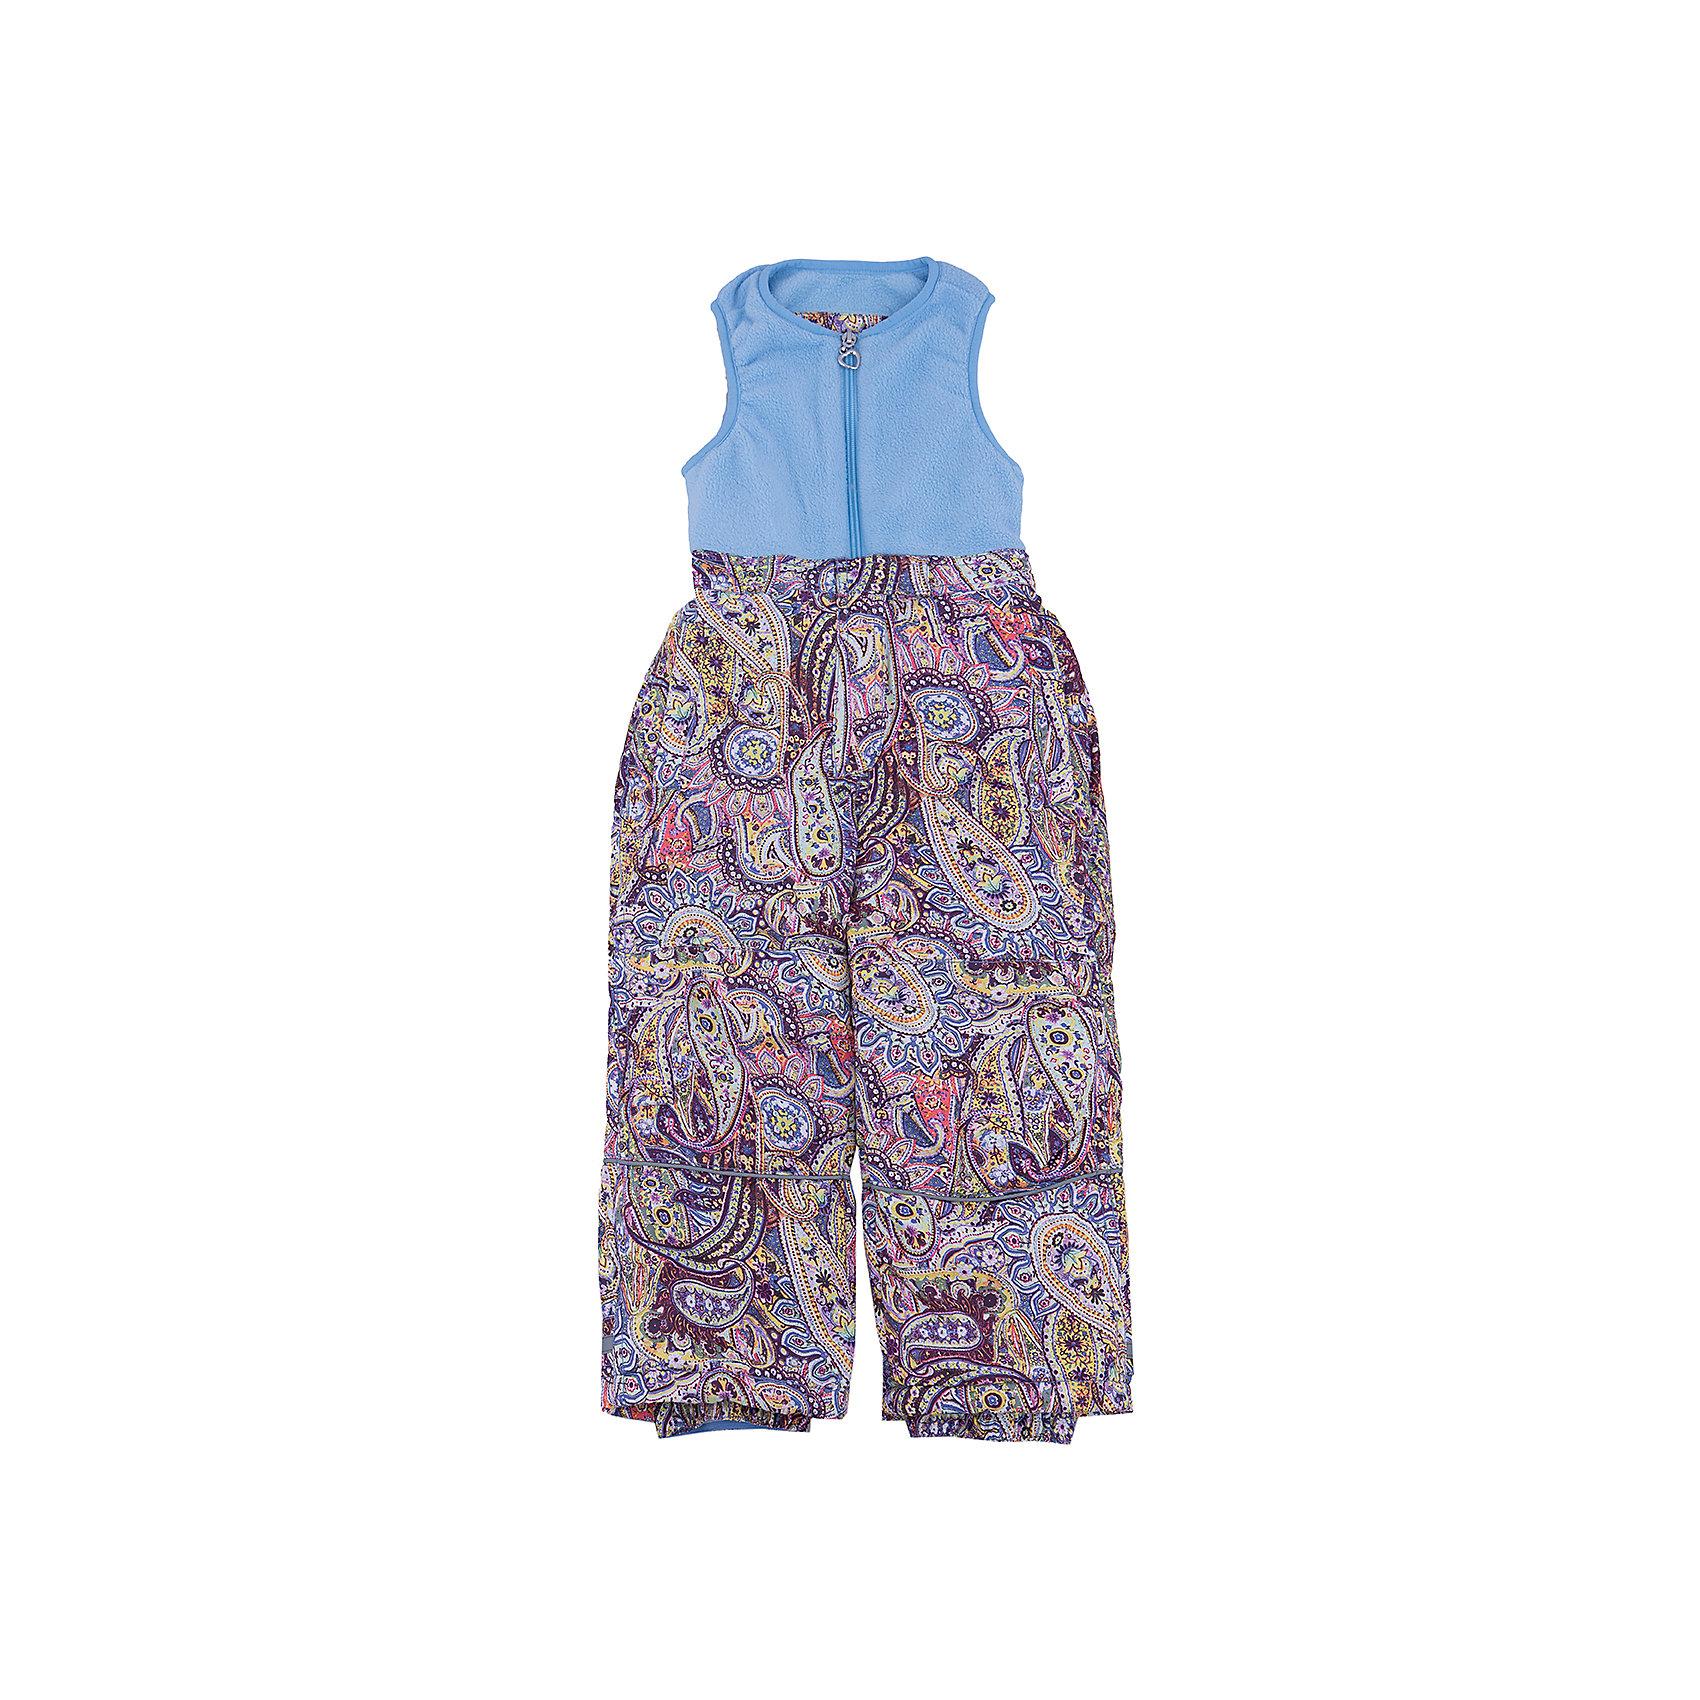 Комбинезон для девочки SELAВерхняя одежда<br>Утепленный комбинезон - незаменимая вещь для детей в прохладное время года. Эта модель отлично сидит на ребенке, она сшита из плотного материала, позволяет заниматься спортом на свежем воздухе зимой. Мягкая подкладка не вызывает аллергии и обеспечивает ребенку комфорт. Модель станет отличной базовой вещью, которая будет уместна в различных сочетаниях.<br>Одежда от бренда Sela (Села) - это качество по приемлемым ценам. Многие российские родители уже оценили преимущества продукции этой компании и всё чаще приобретают одежду и аксессуары Sela.<br><br>Дополнительная информация:<br><br>цвет: голубой;<br>материал: верх - 100% ПЭ, утеплитель - 100% ПЭ, подкладка - 100% ПЭ;<br>светоотражающие детали;<br>застежка - молния.<br><br>Комбинезон для девочки от бренда Sela можно купить в нашем интернет-магазине.<br><br>Ширина мм: 356<br>Глубина мм: 10<br>Высота мм: 245<br>Вес г: 519<br>Цвет: голубой<br>Возраст от месяцев: 24<br>Возраст до месяцев: 36<br>Пол: Женский<br>Возраст: Детский<br>Размер: 98,116,104,110<br>SKU: 4944014